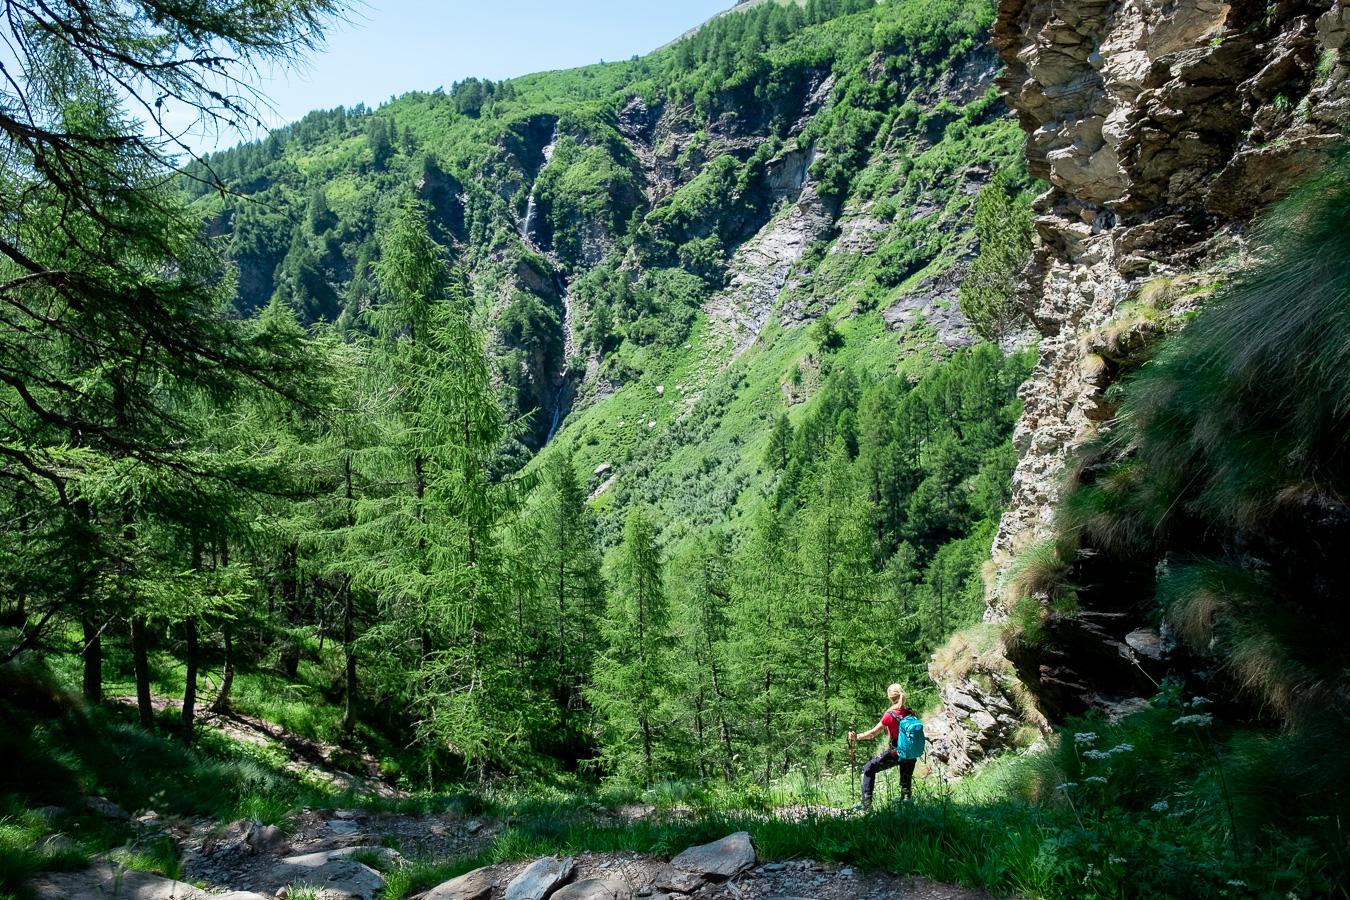 młoda kobieta na trekkingu wśród zieleni